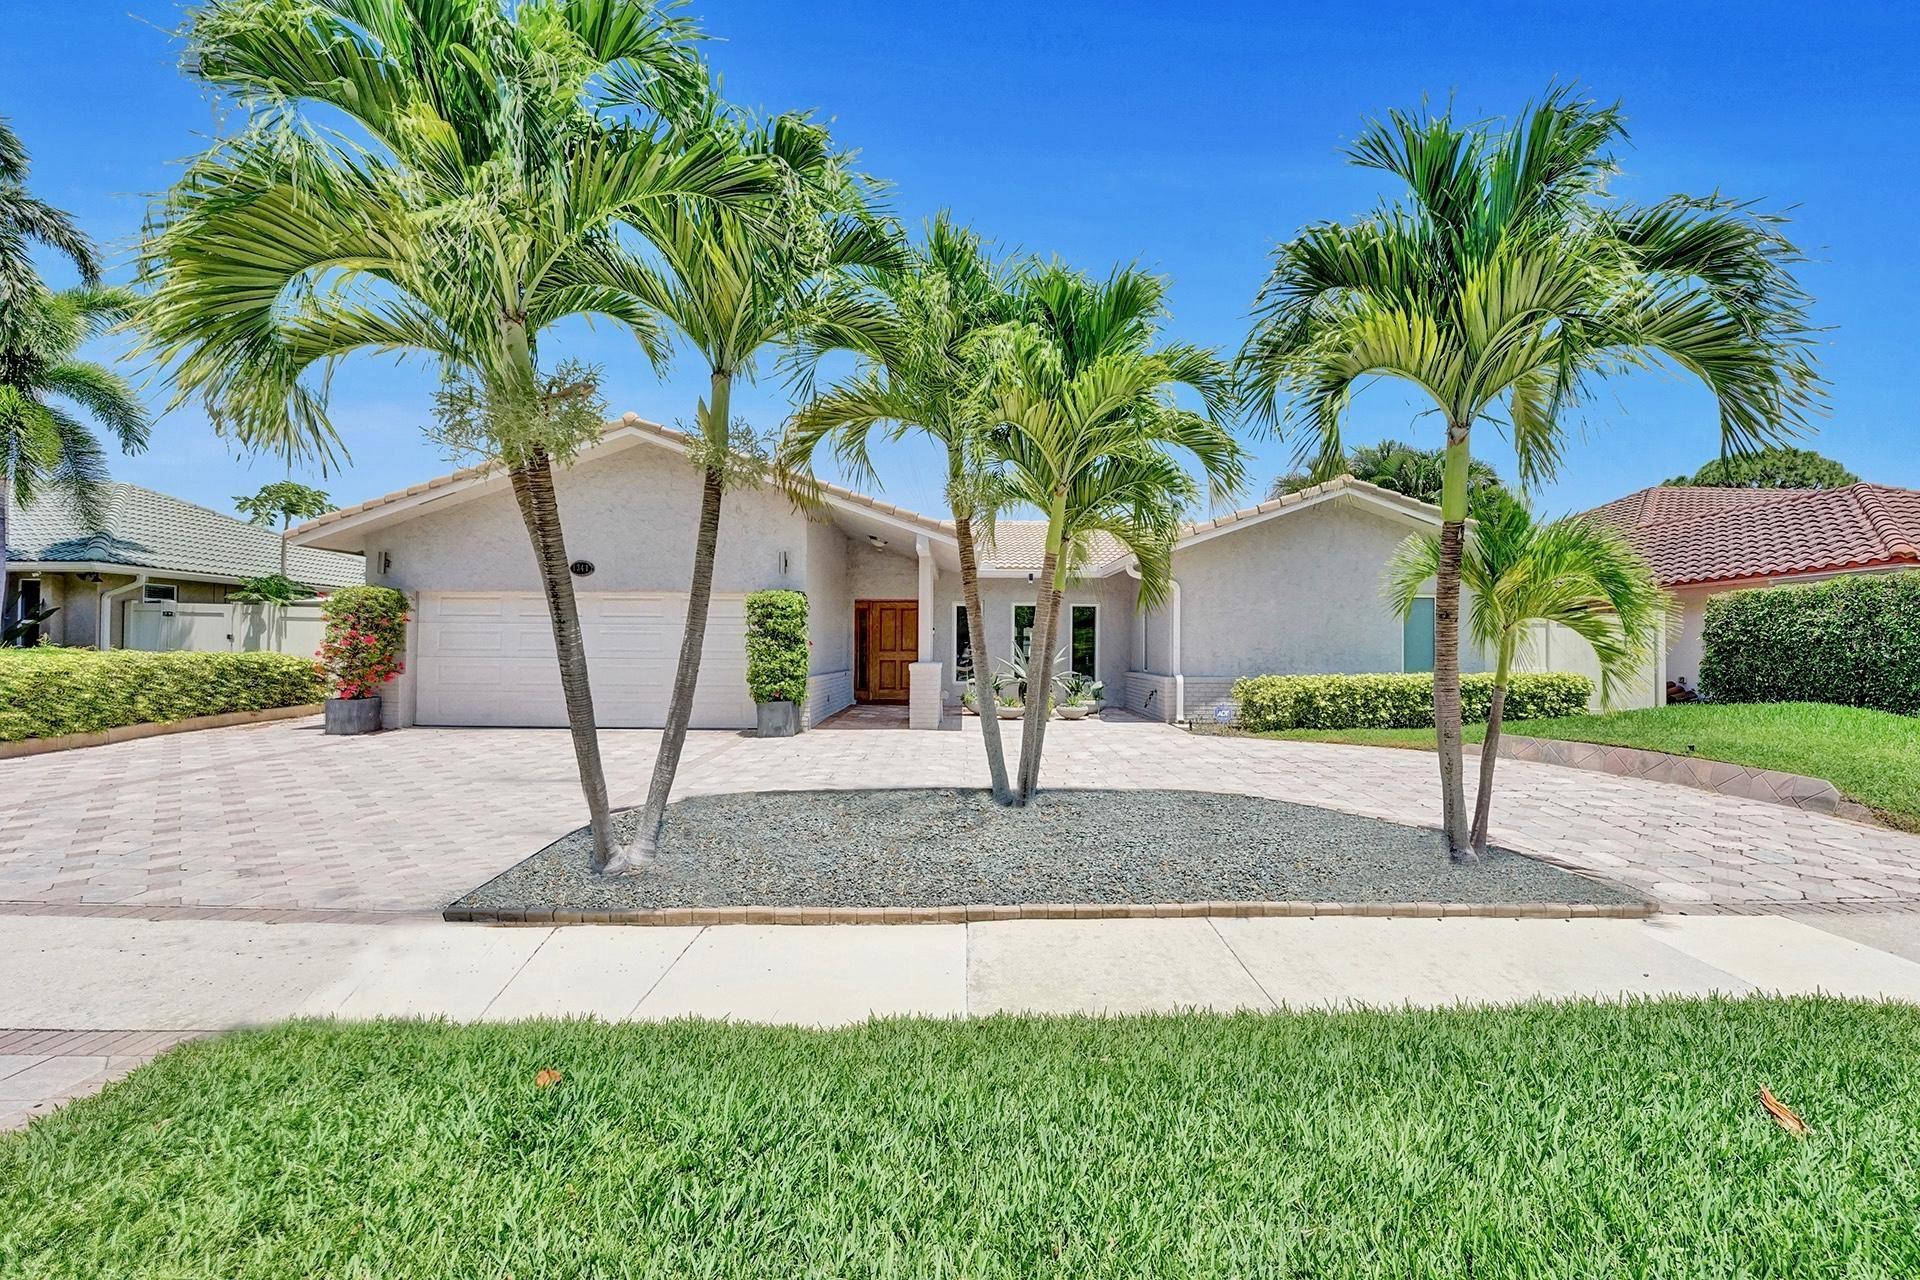 1341 SW 21st Lane, Boca Raton, FL 33486 - MLS#: RX-10713501